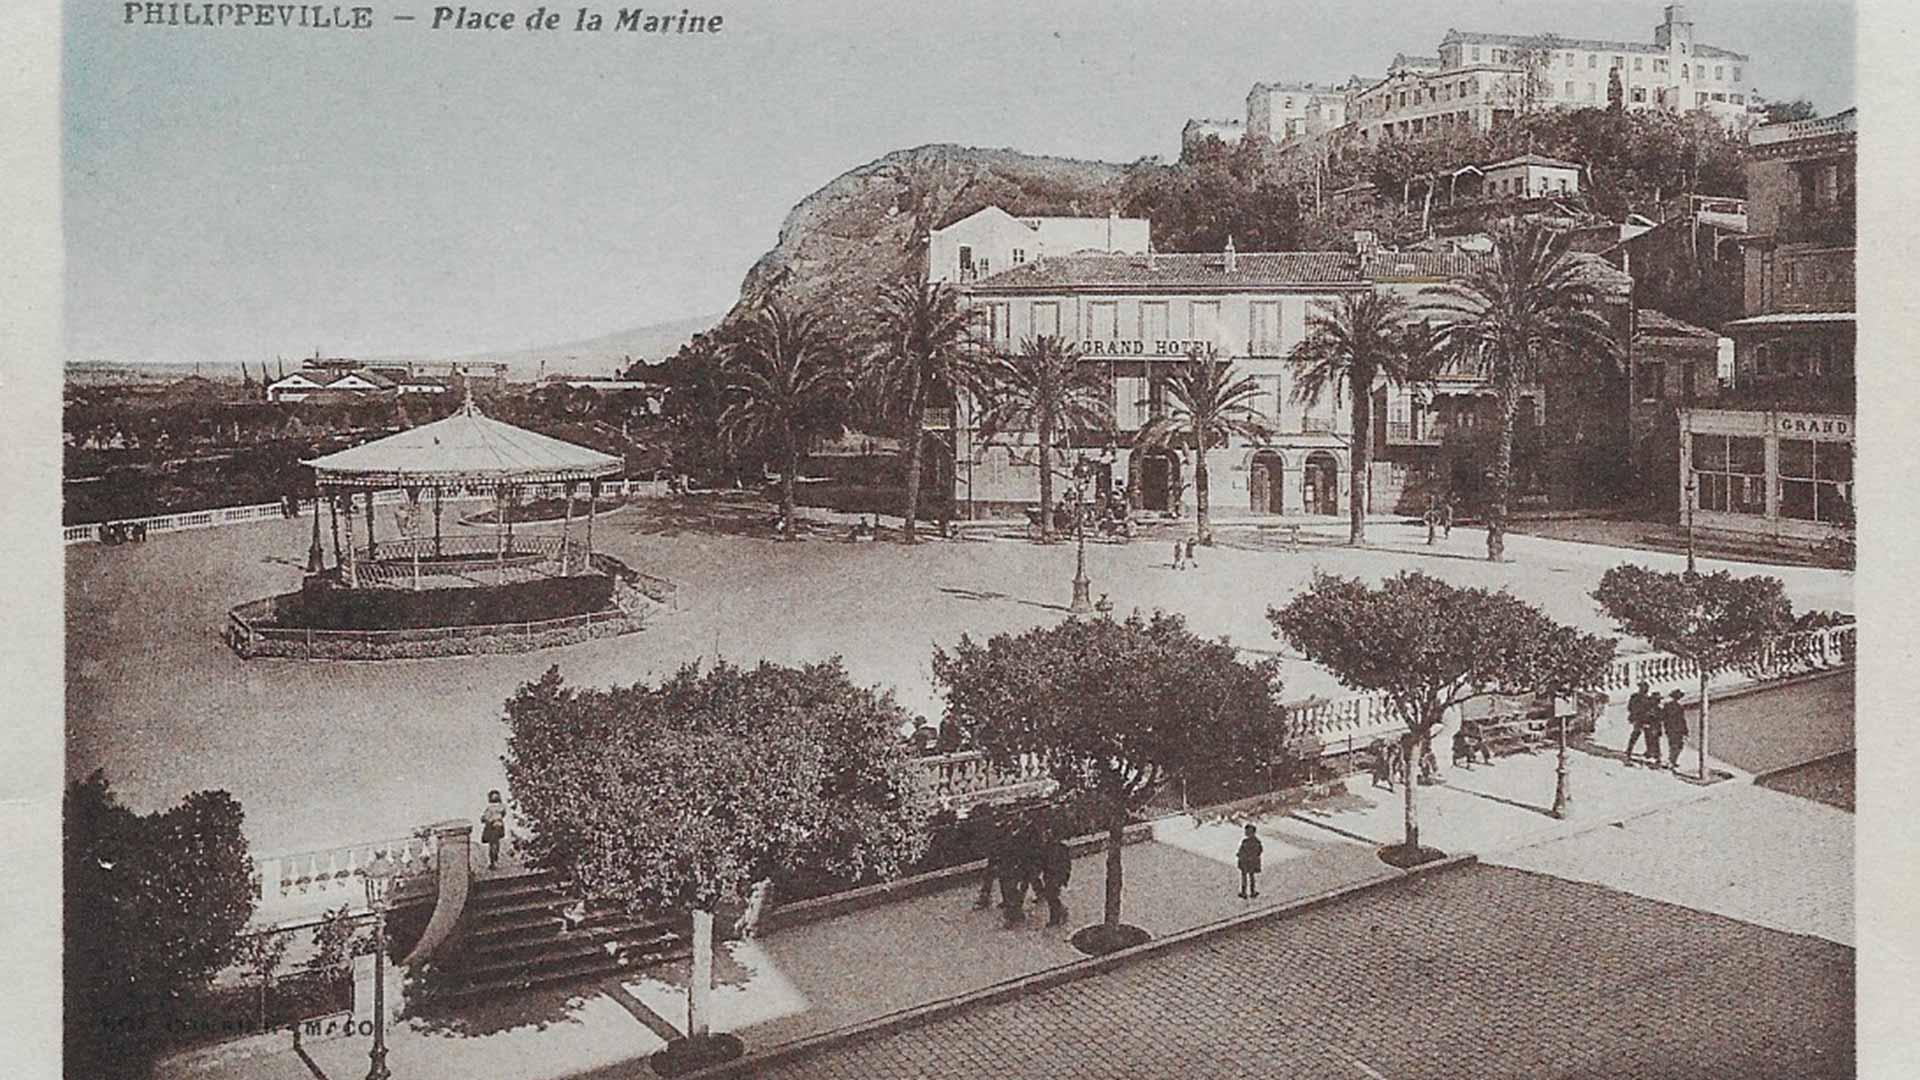 Philippeville-place-de-la-marine